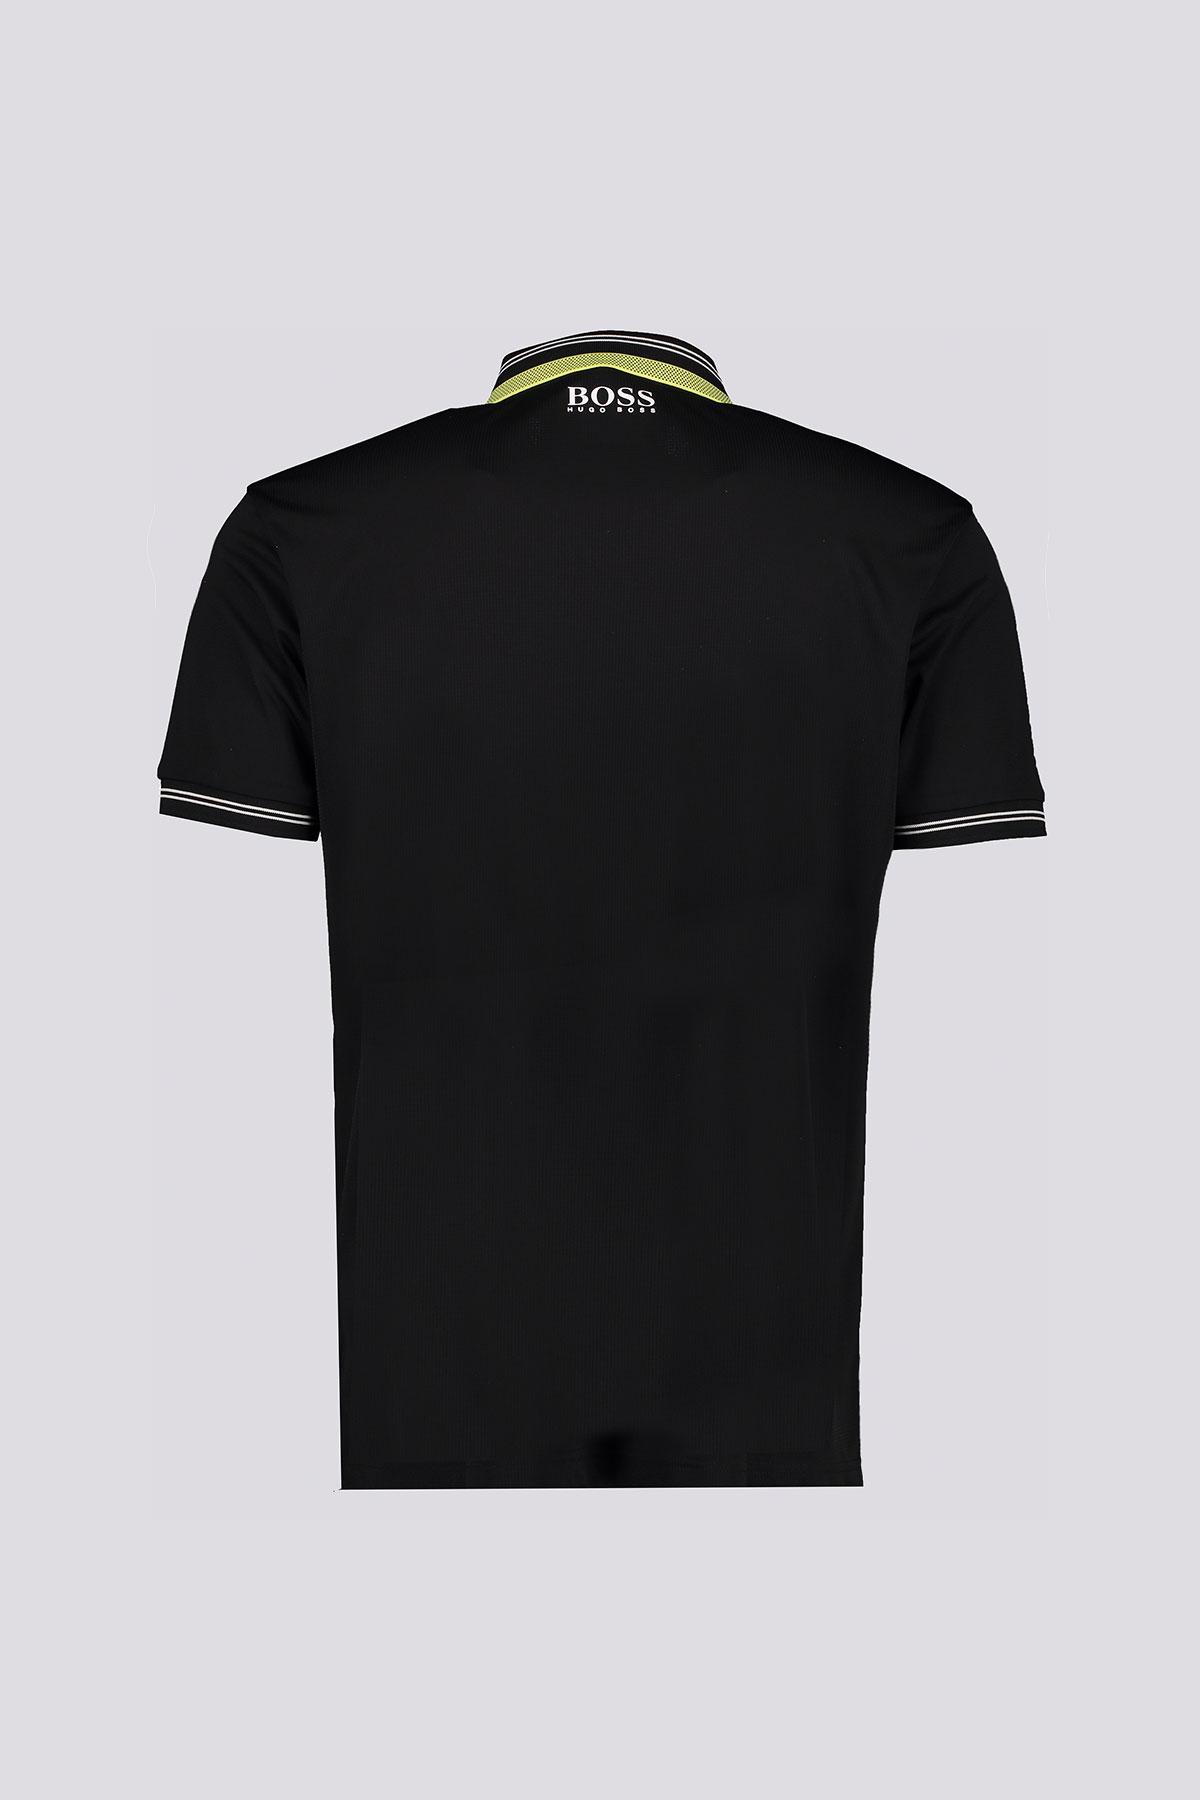 Playera Polo marca BOSS linea Green de tejido elástico con detalles en contraste